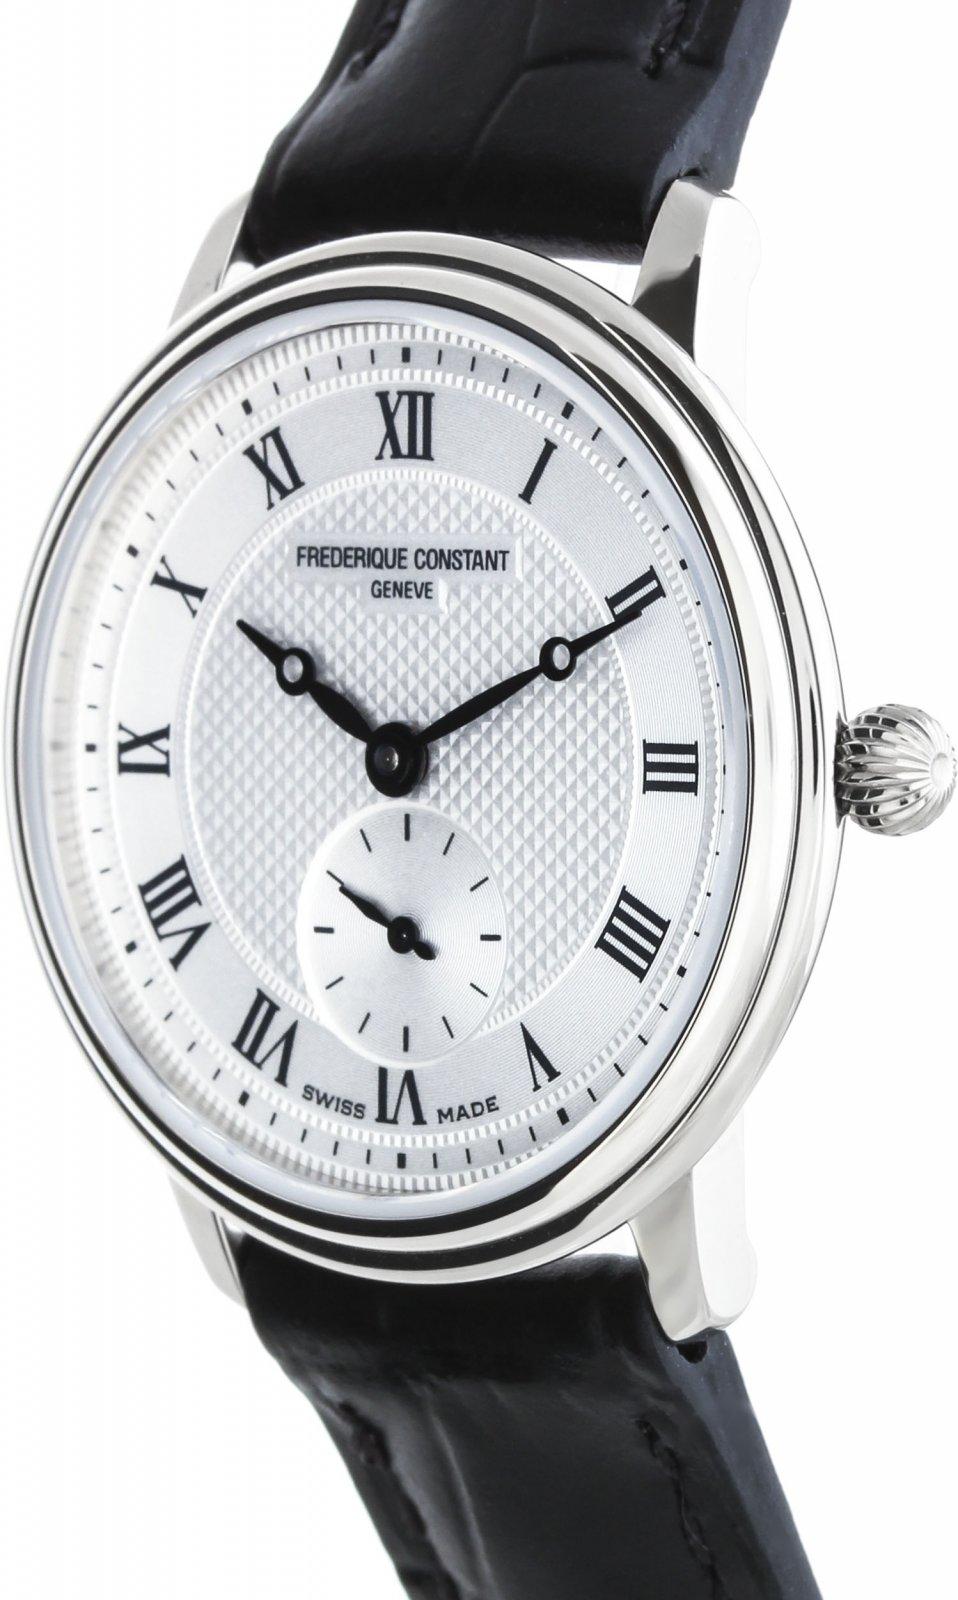 Frederique constant часы купить в москве